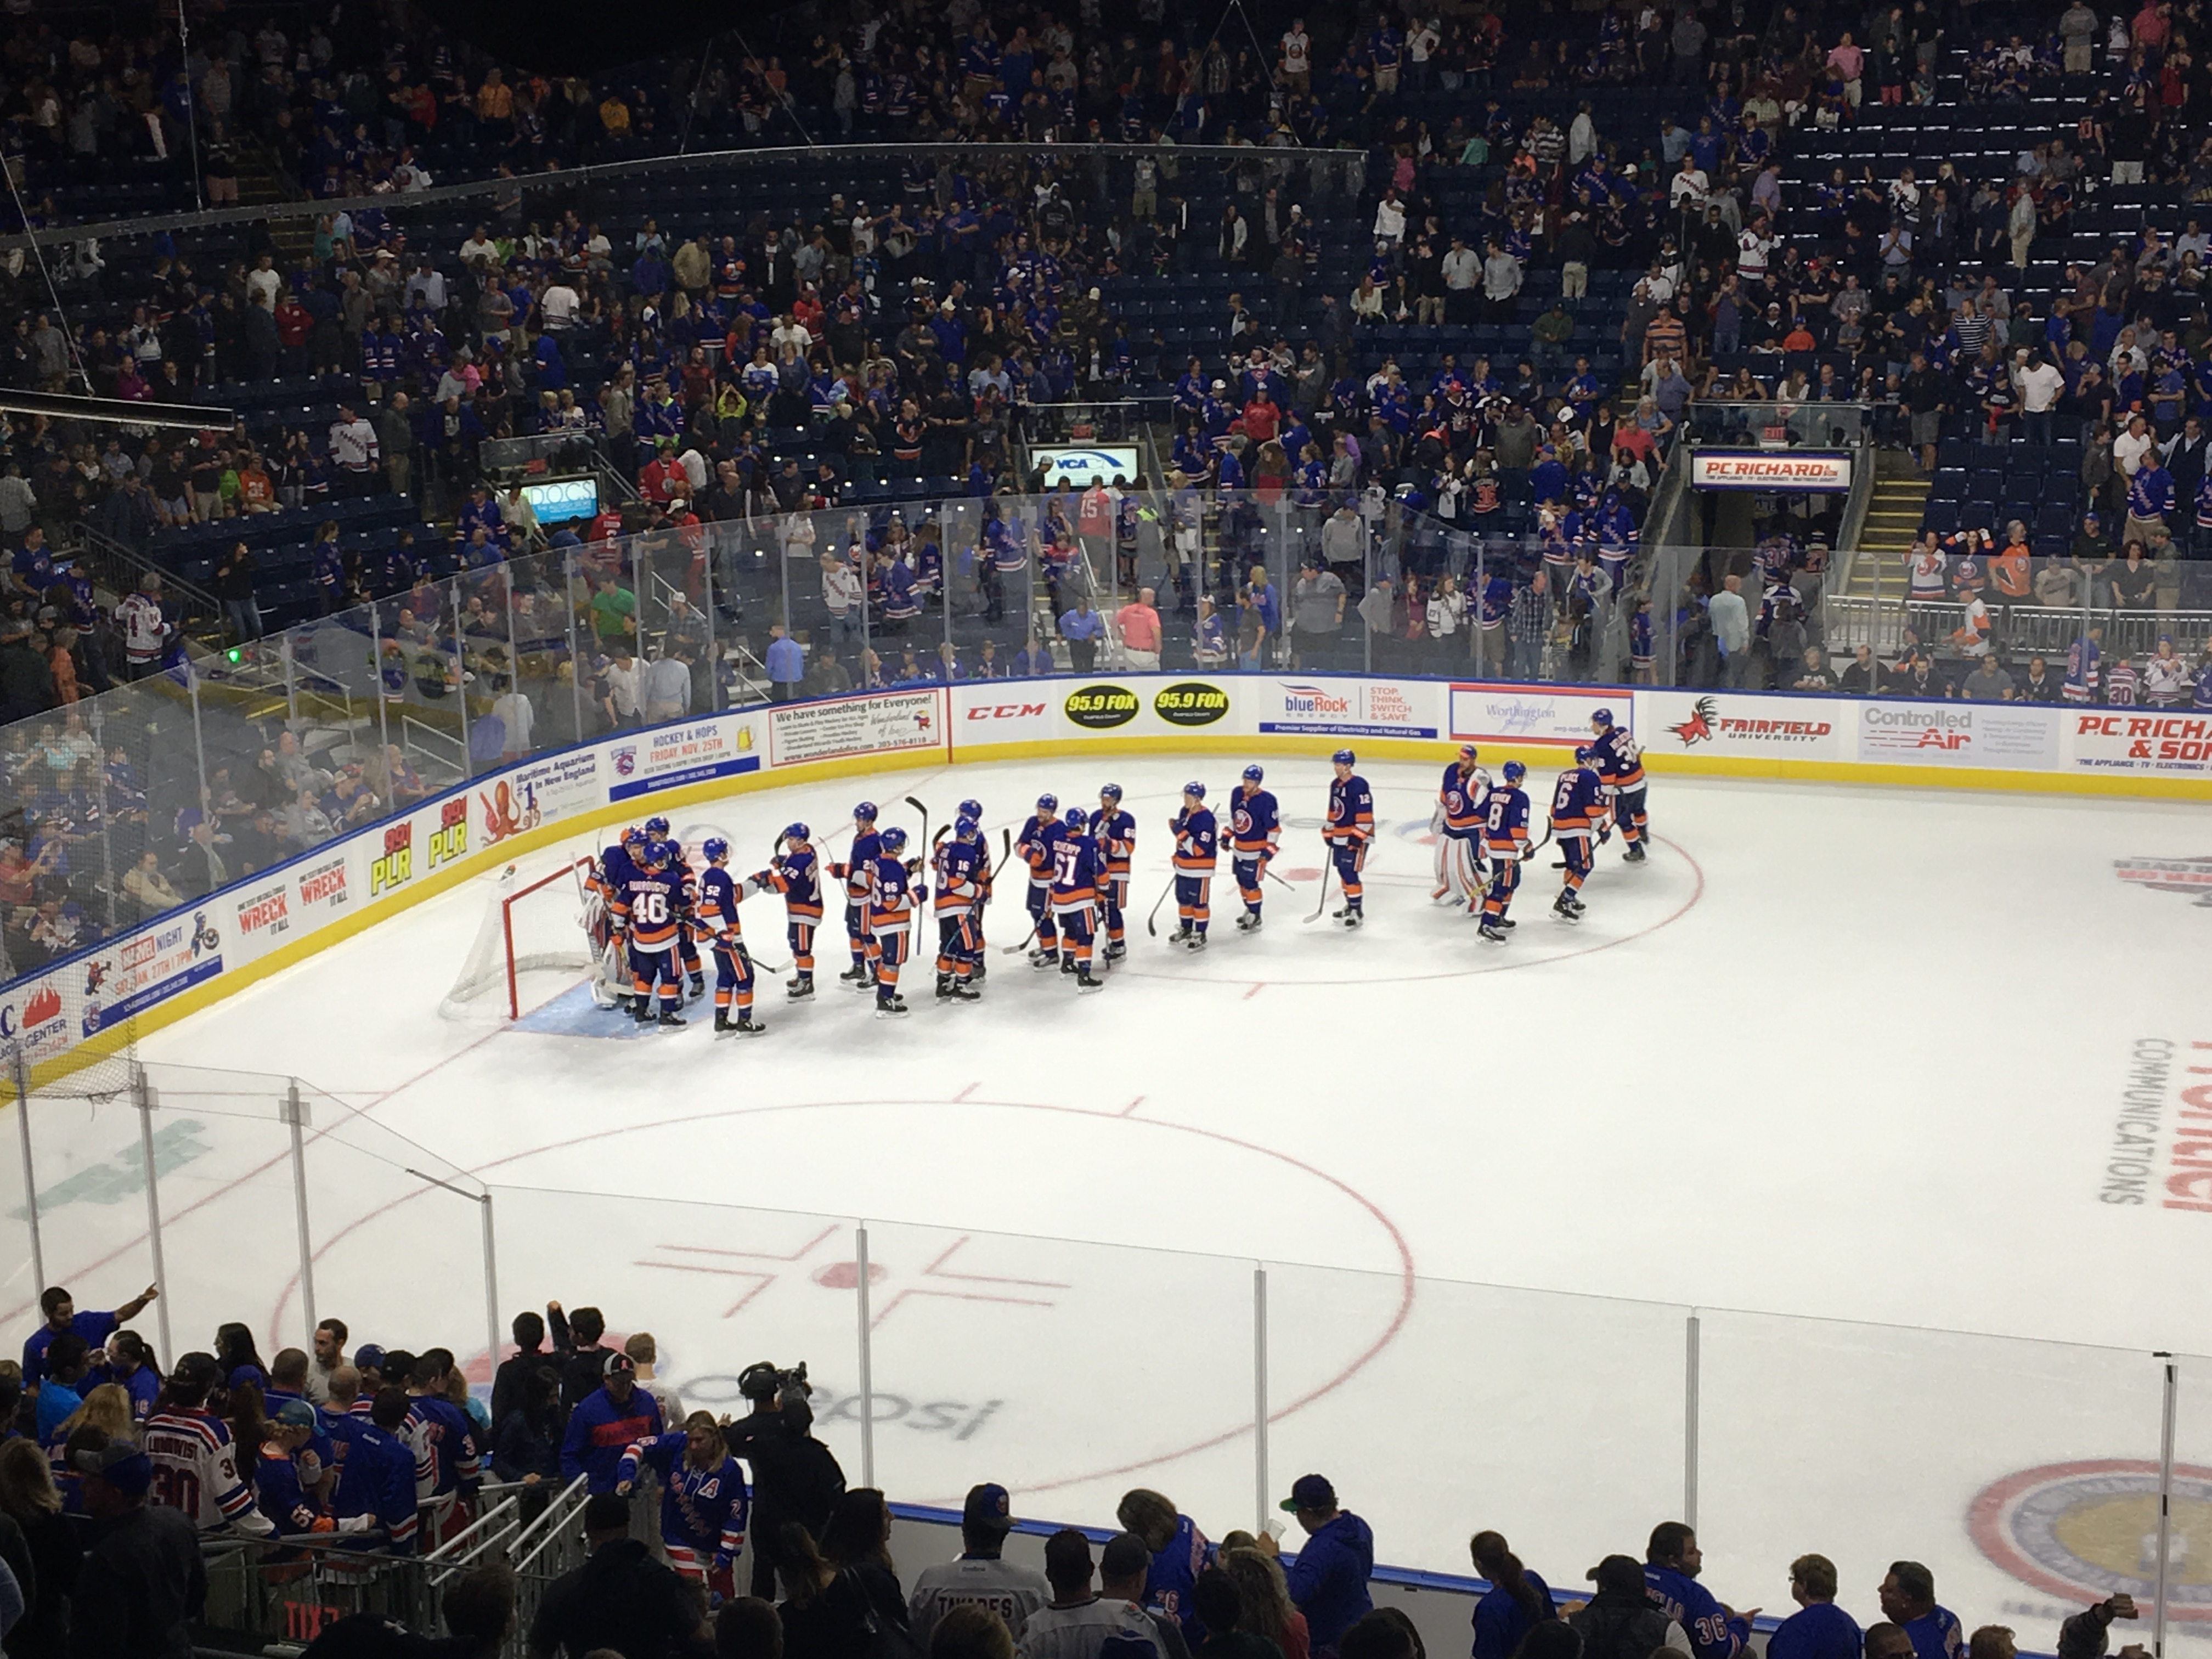 The Islanders defeat the New York Rangers, 2-1, in Bridgeport, CT.